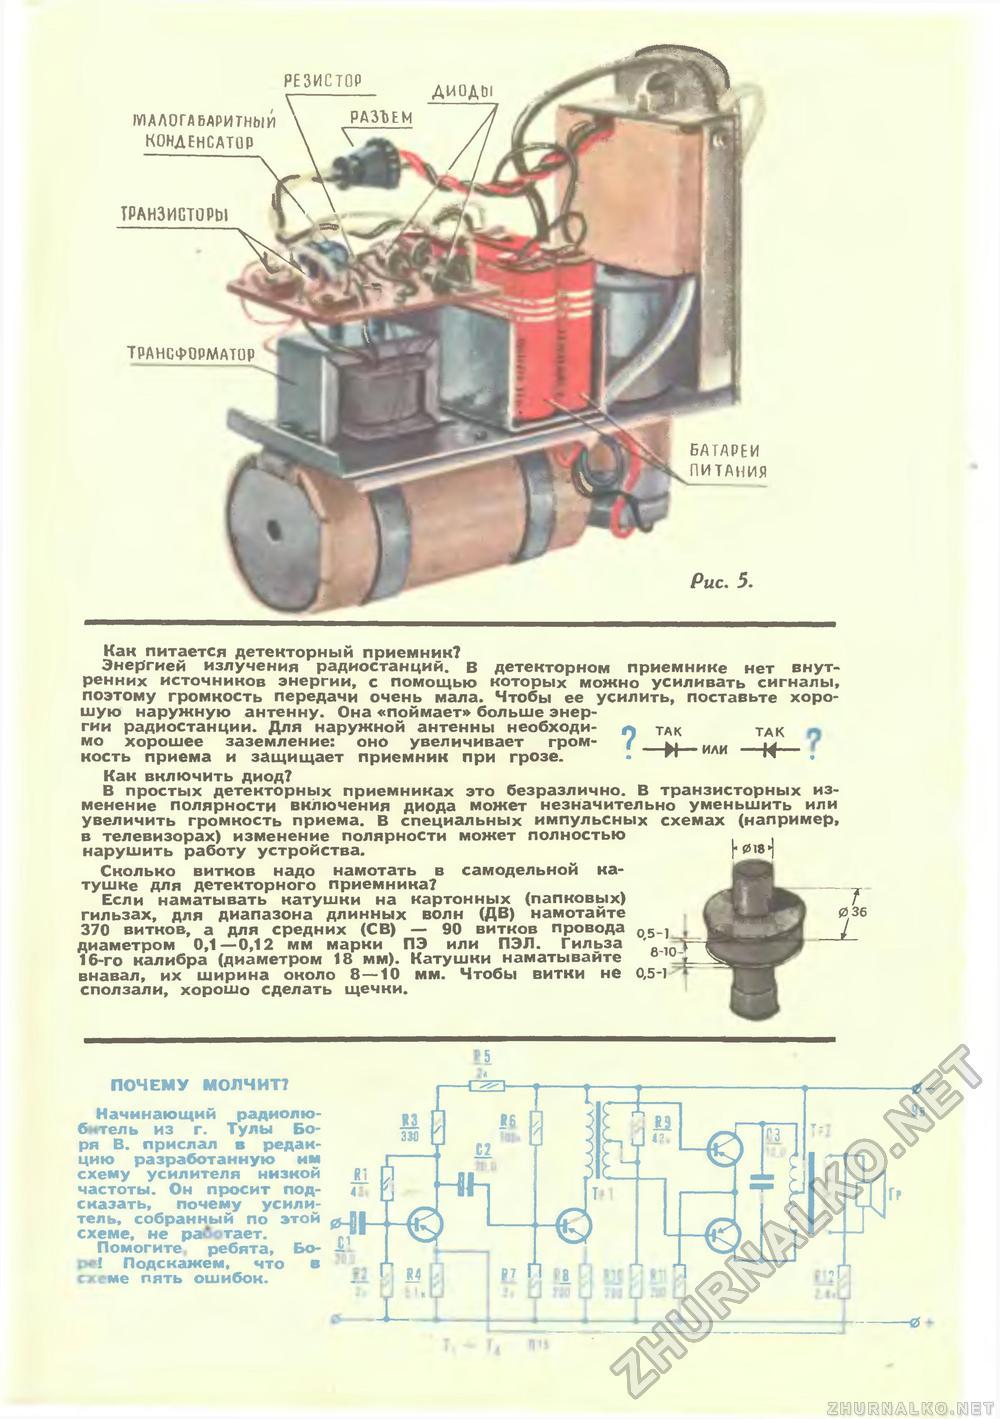 Детекторный приемник как источник энергии схема